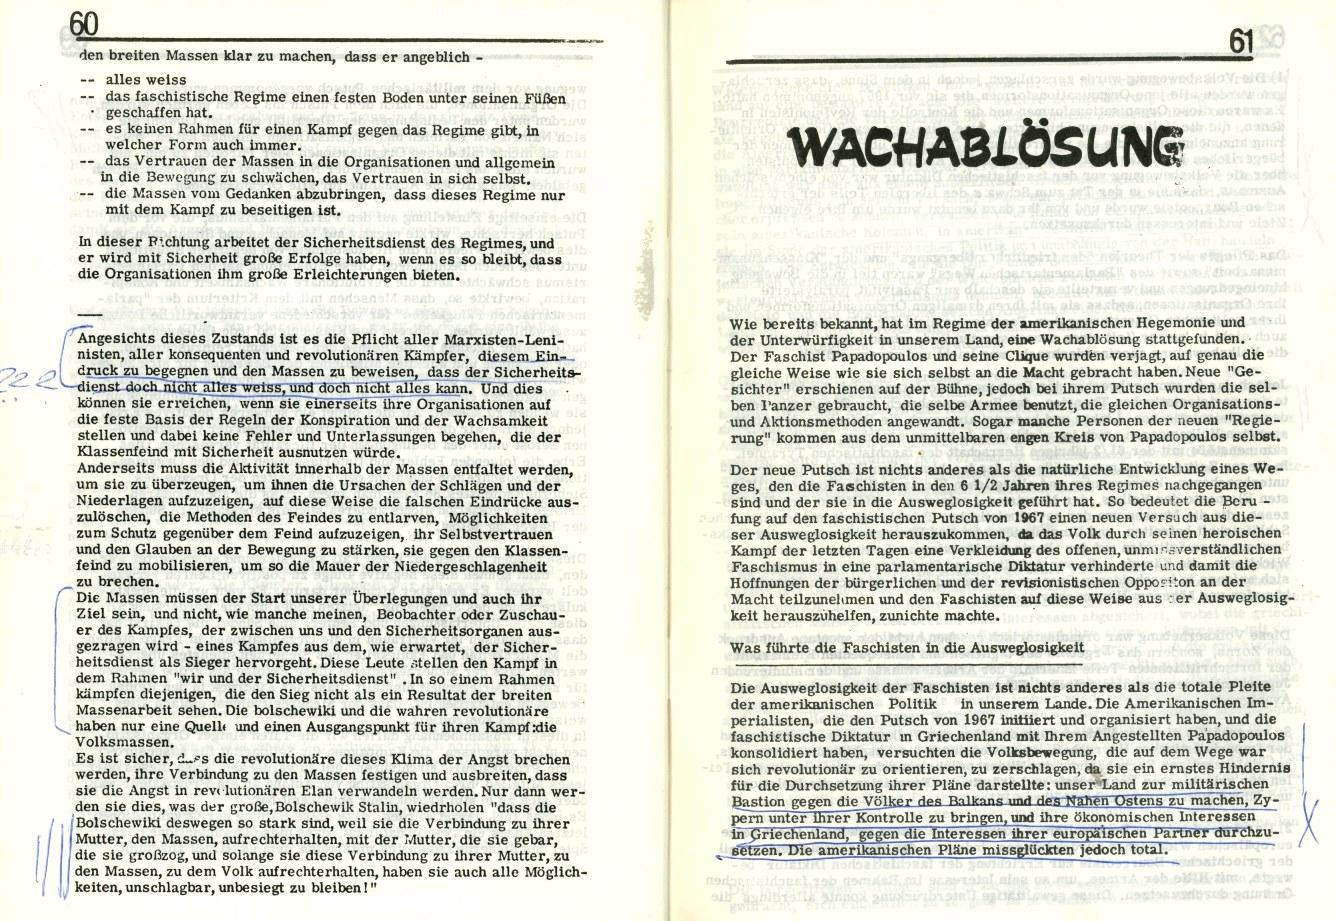 Griechenland_Griechische_ML_1971_Dokumente_01_31